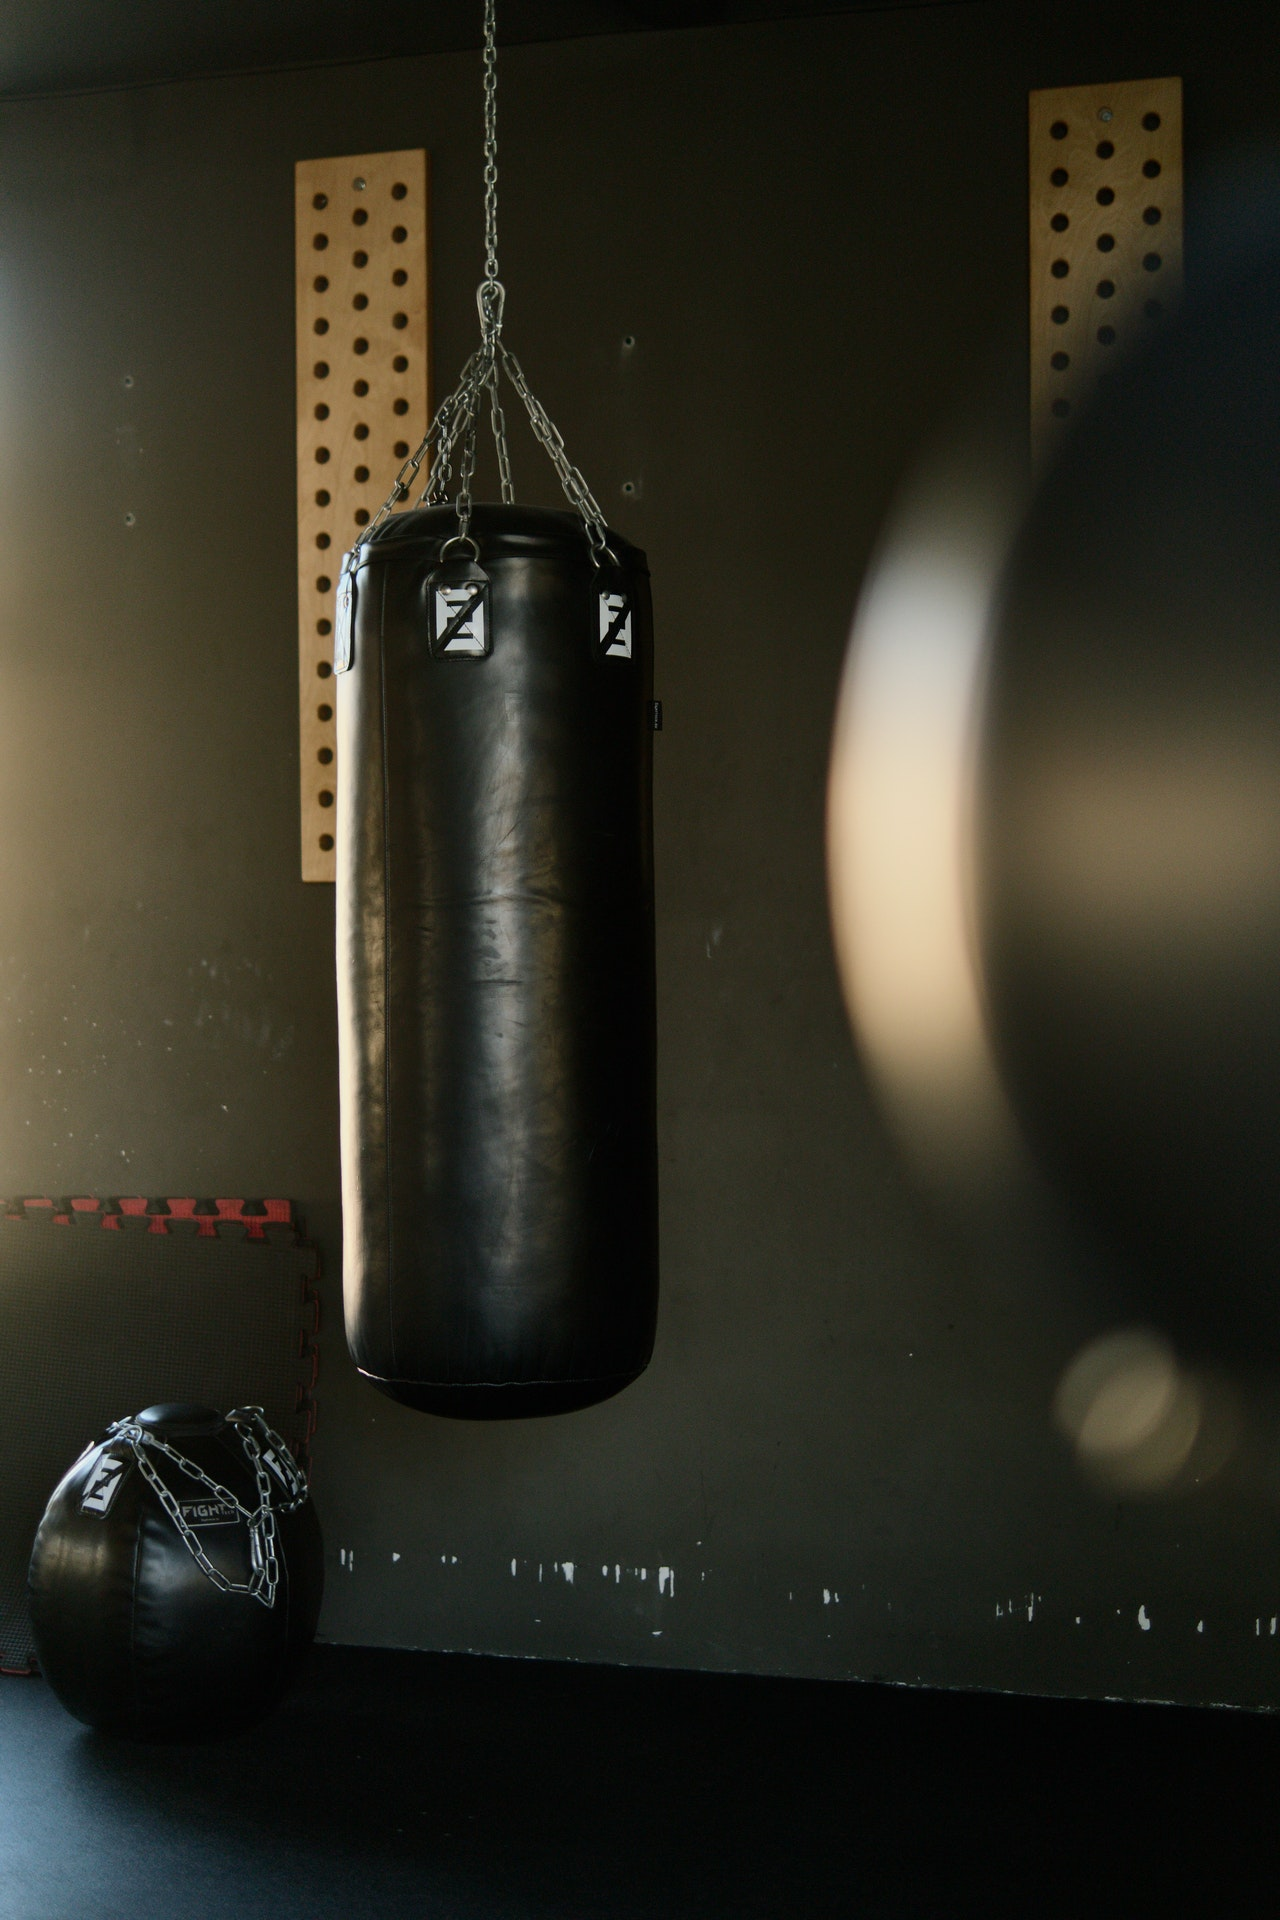 Ein Standboxsack ist besonders für Mieter geeignet. Oft haben Vermieter etwas gegen unnötige Bohrungen in Wände und Decken. Bei einem Standboxsack sind keine Bohrungen nötig.